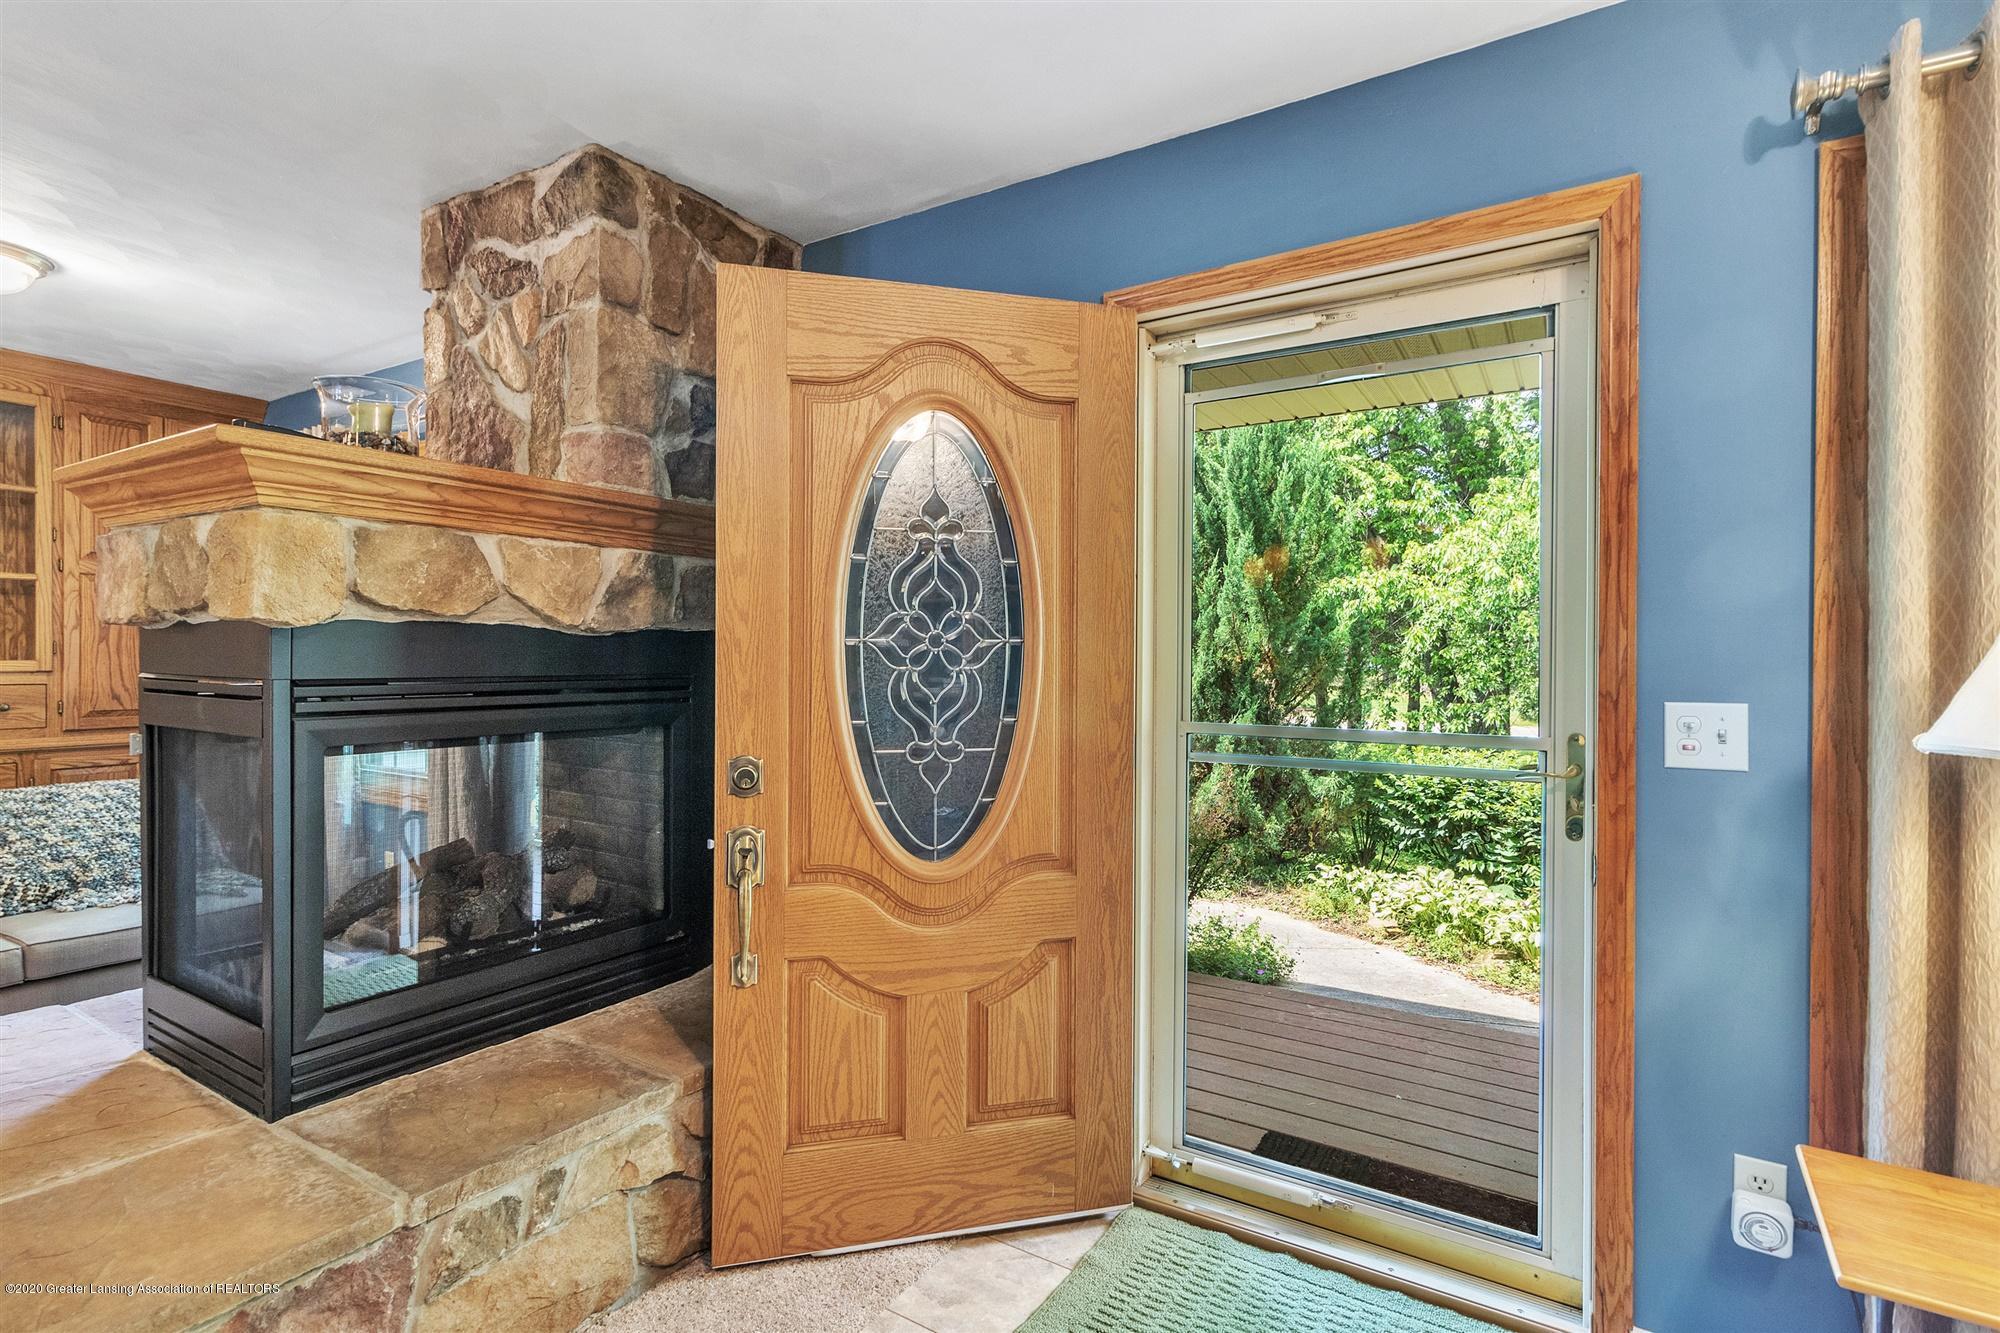 10494 Nixon Rd - 06-10494 Nixon Rd-windowstill-reale - 4